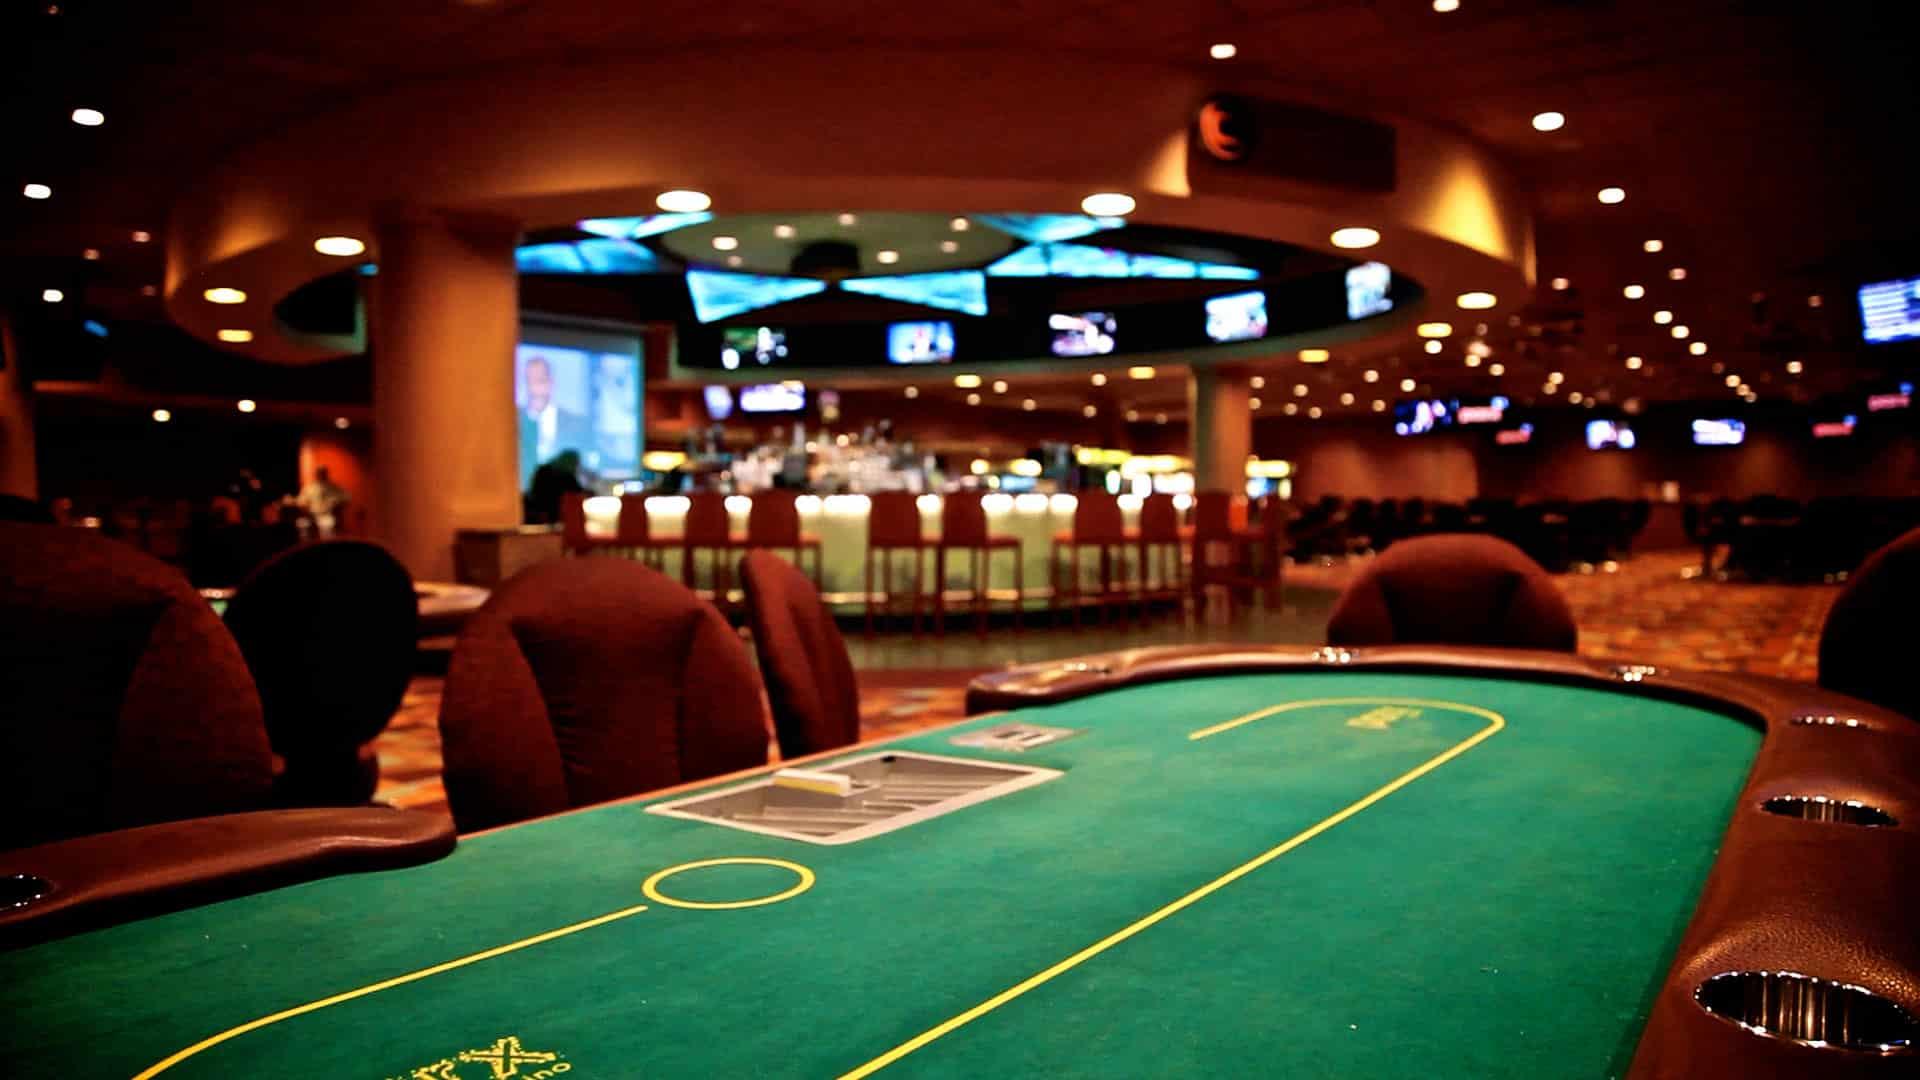 Casino en ligne : trouver le meilleur site pour tenter votre chance